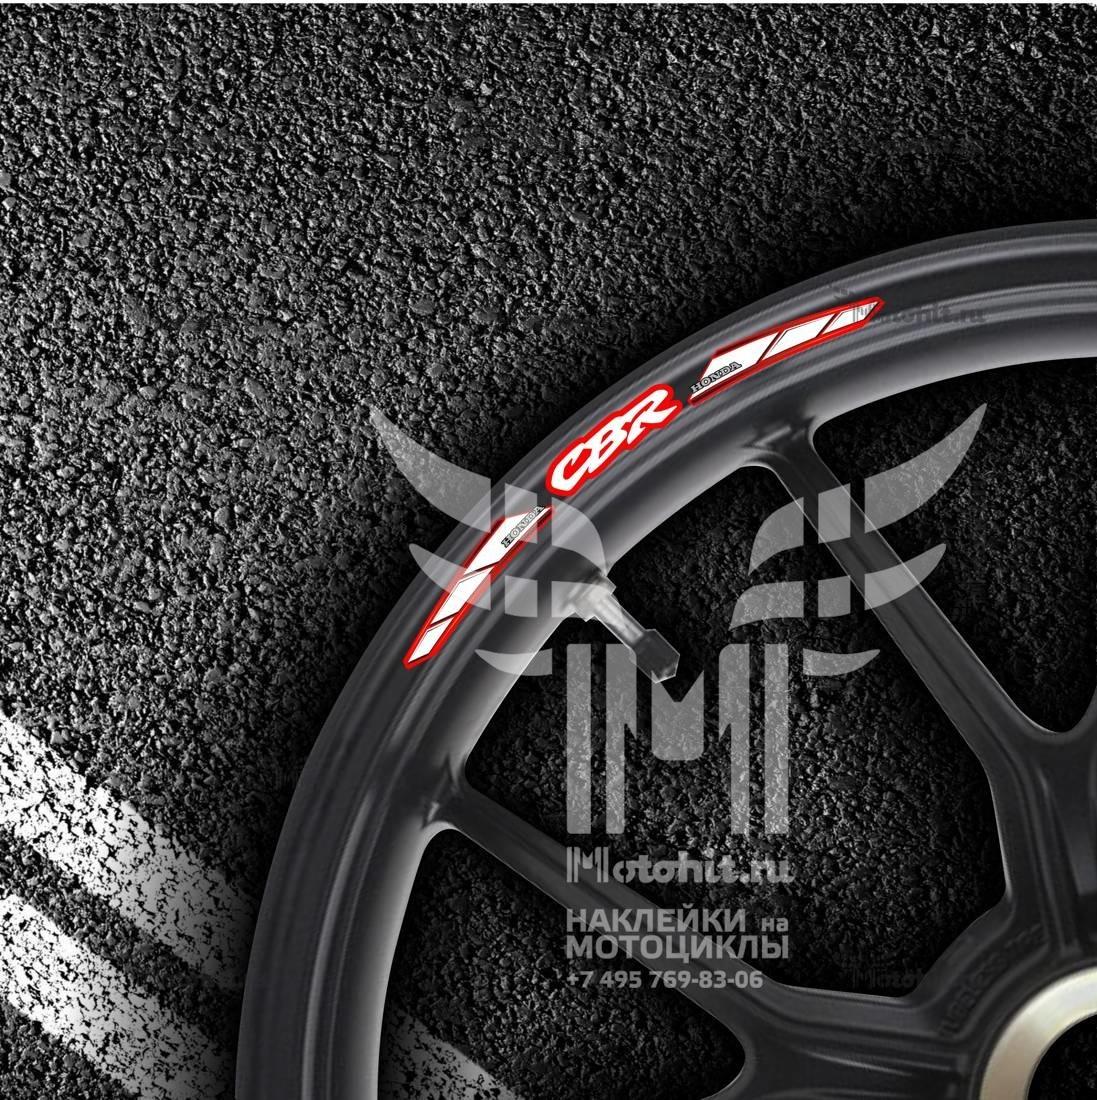 Комплект наклеек на обод колеса мотоцикла HONDA CBR